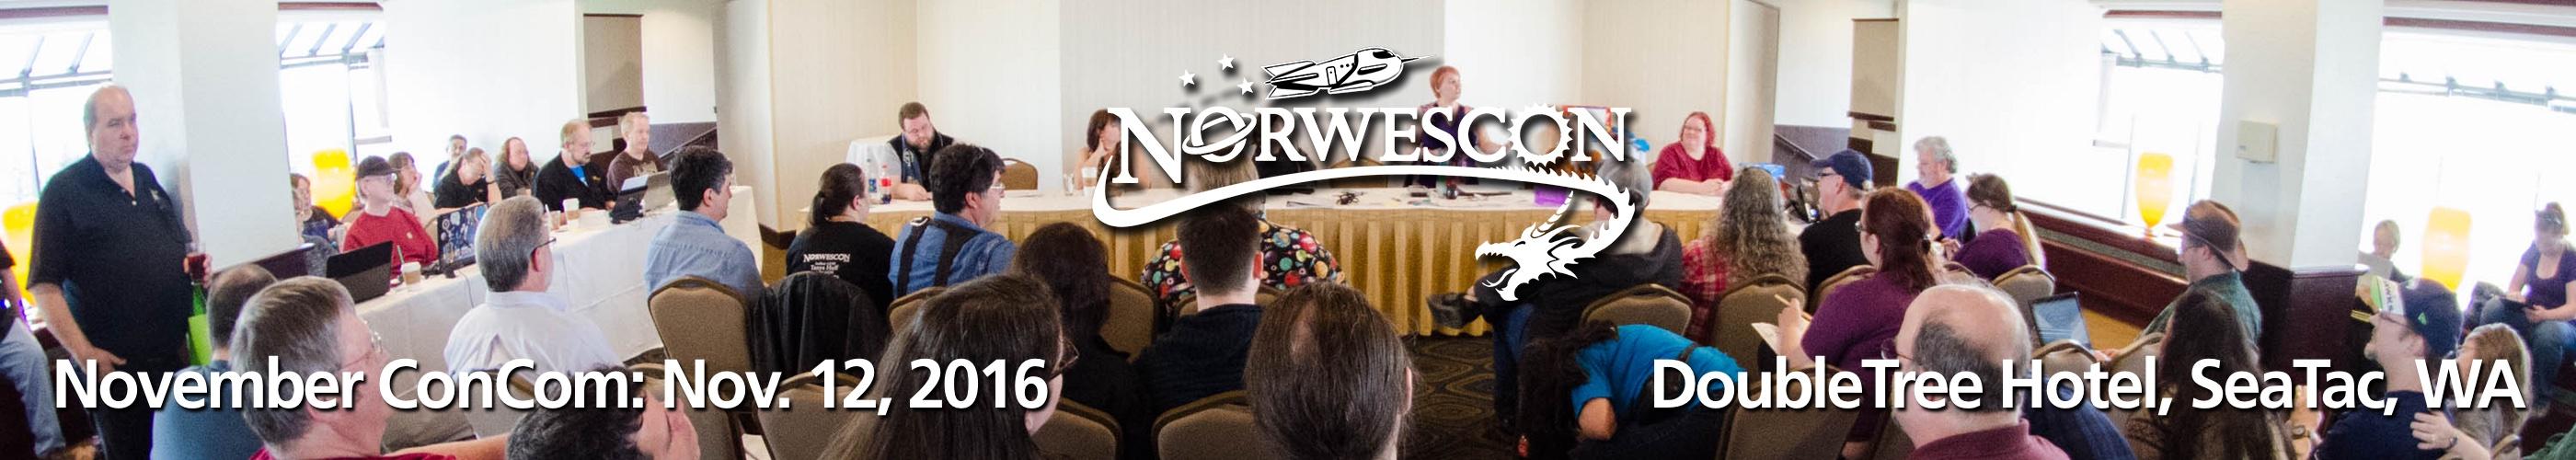 NWC40 November ConCom